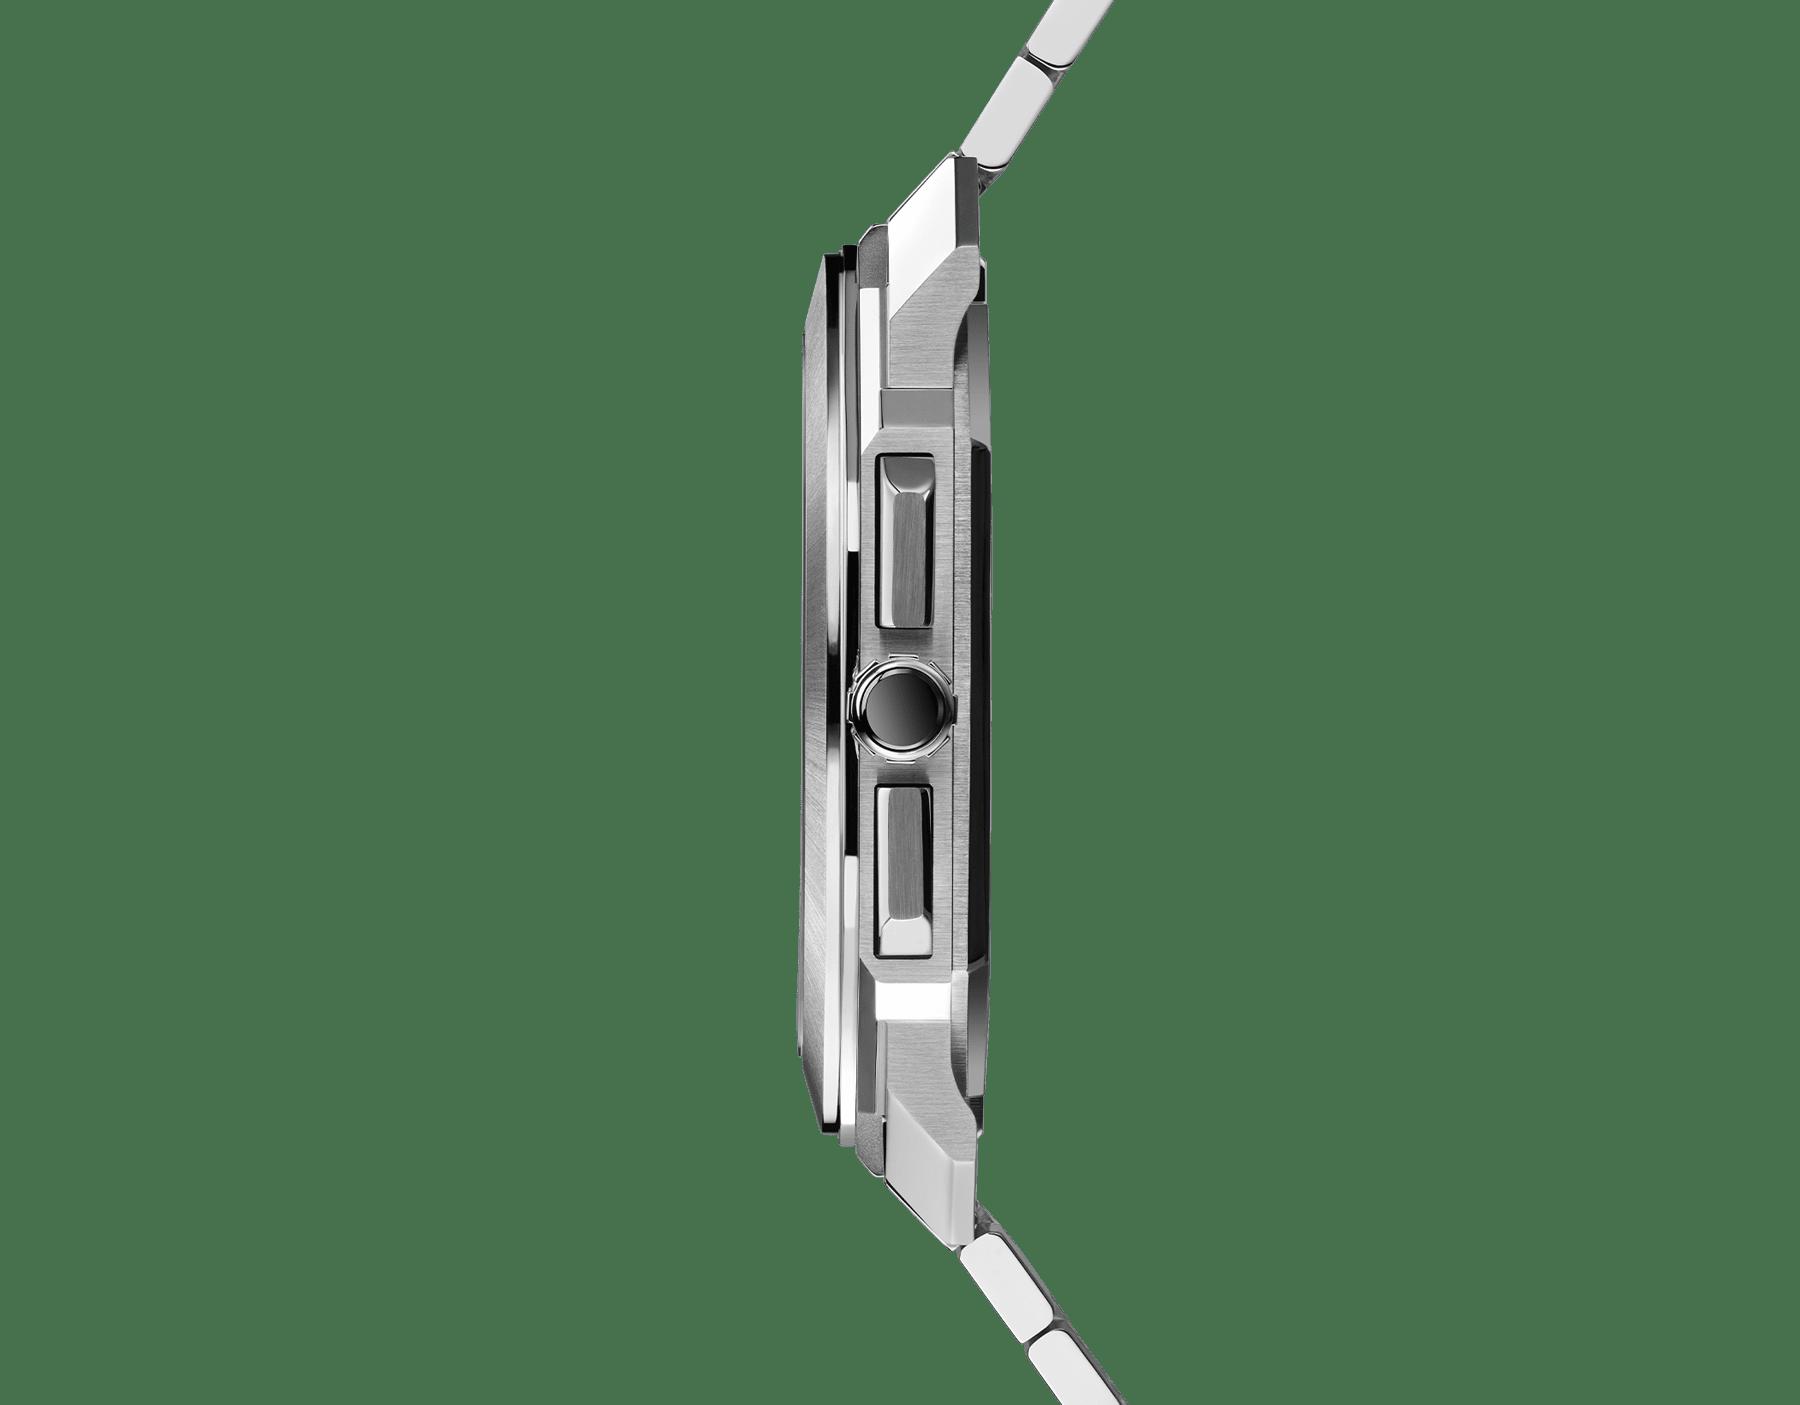 Chronographe OctoFinissimo GMT avec mouvement mécanique de manufacture à remontage automatique, fonctions chronographe et GMT 24heures, boîtier de 43mm en acier inoxydable (8,75mm d'épaisseur), fond transparent, cadran bleu avec finitions polies satinées et compteurs argentés, bracelet en acier inoxydable poli satiné. Étanche jusqu'à 100mètres. 103467 image 3